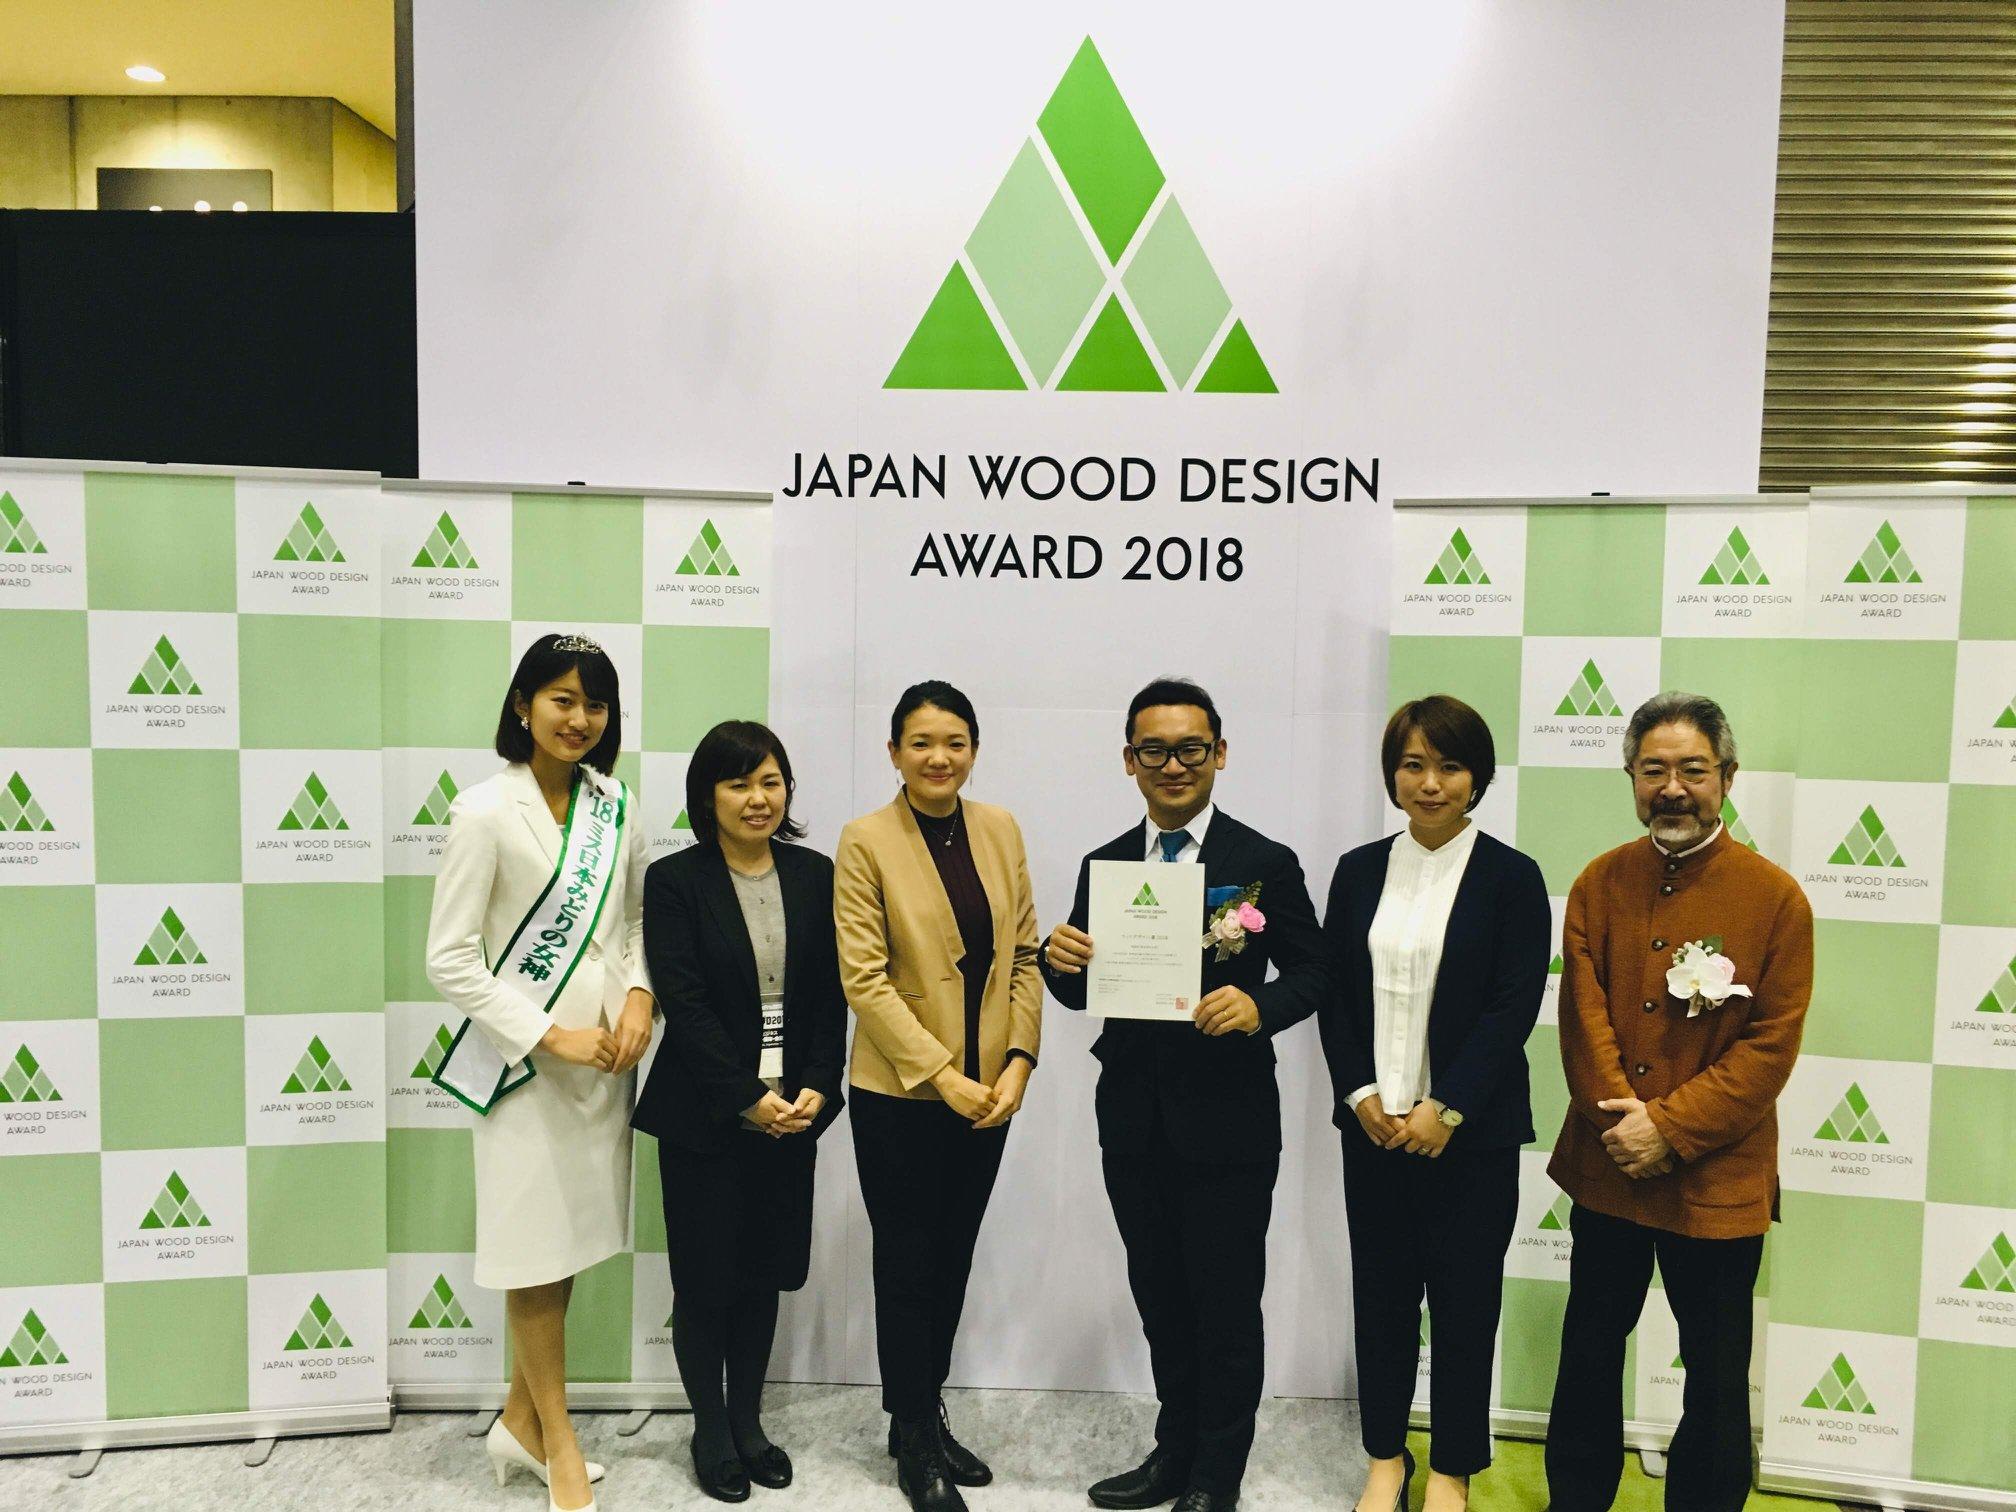 ウッドデザイン賞2018表彰式・セミナーへWood Action代表が登壇しました